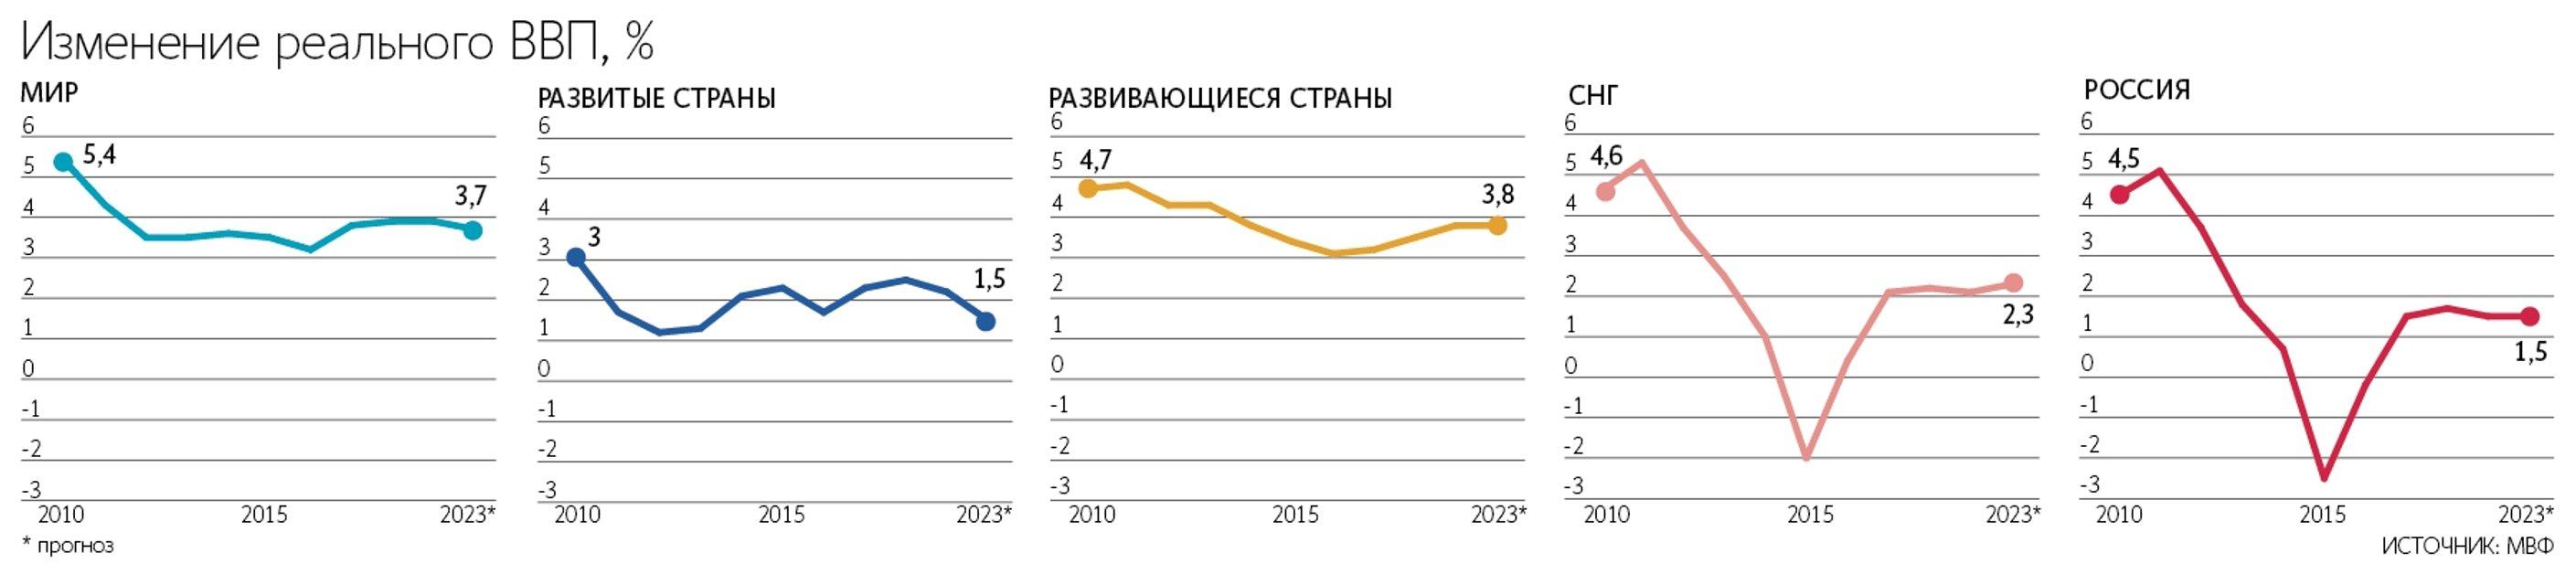 МВФ вынес приговор российской экономике - фото 127112